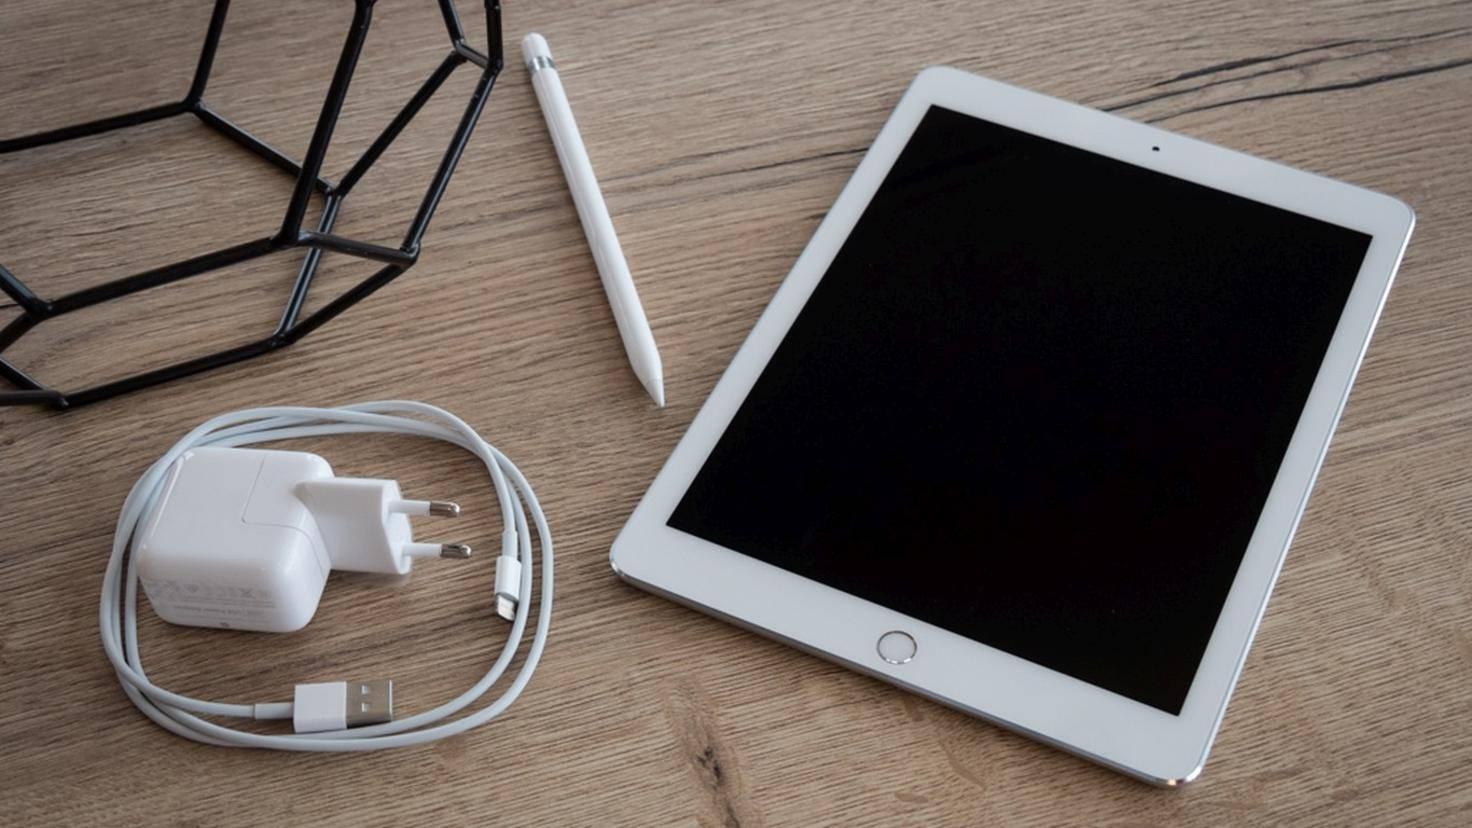 Apple iPad Pro TURN ON